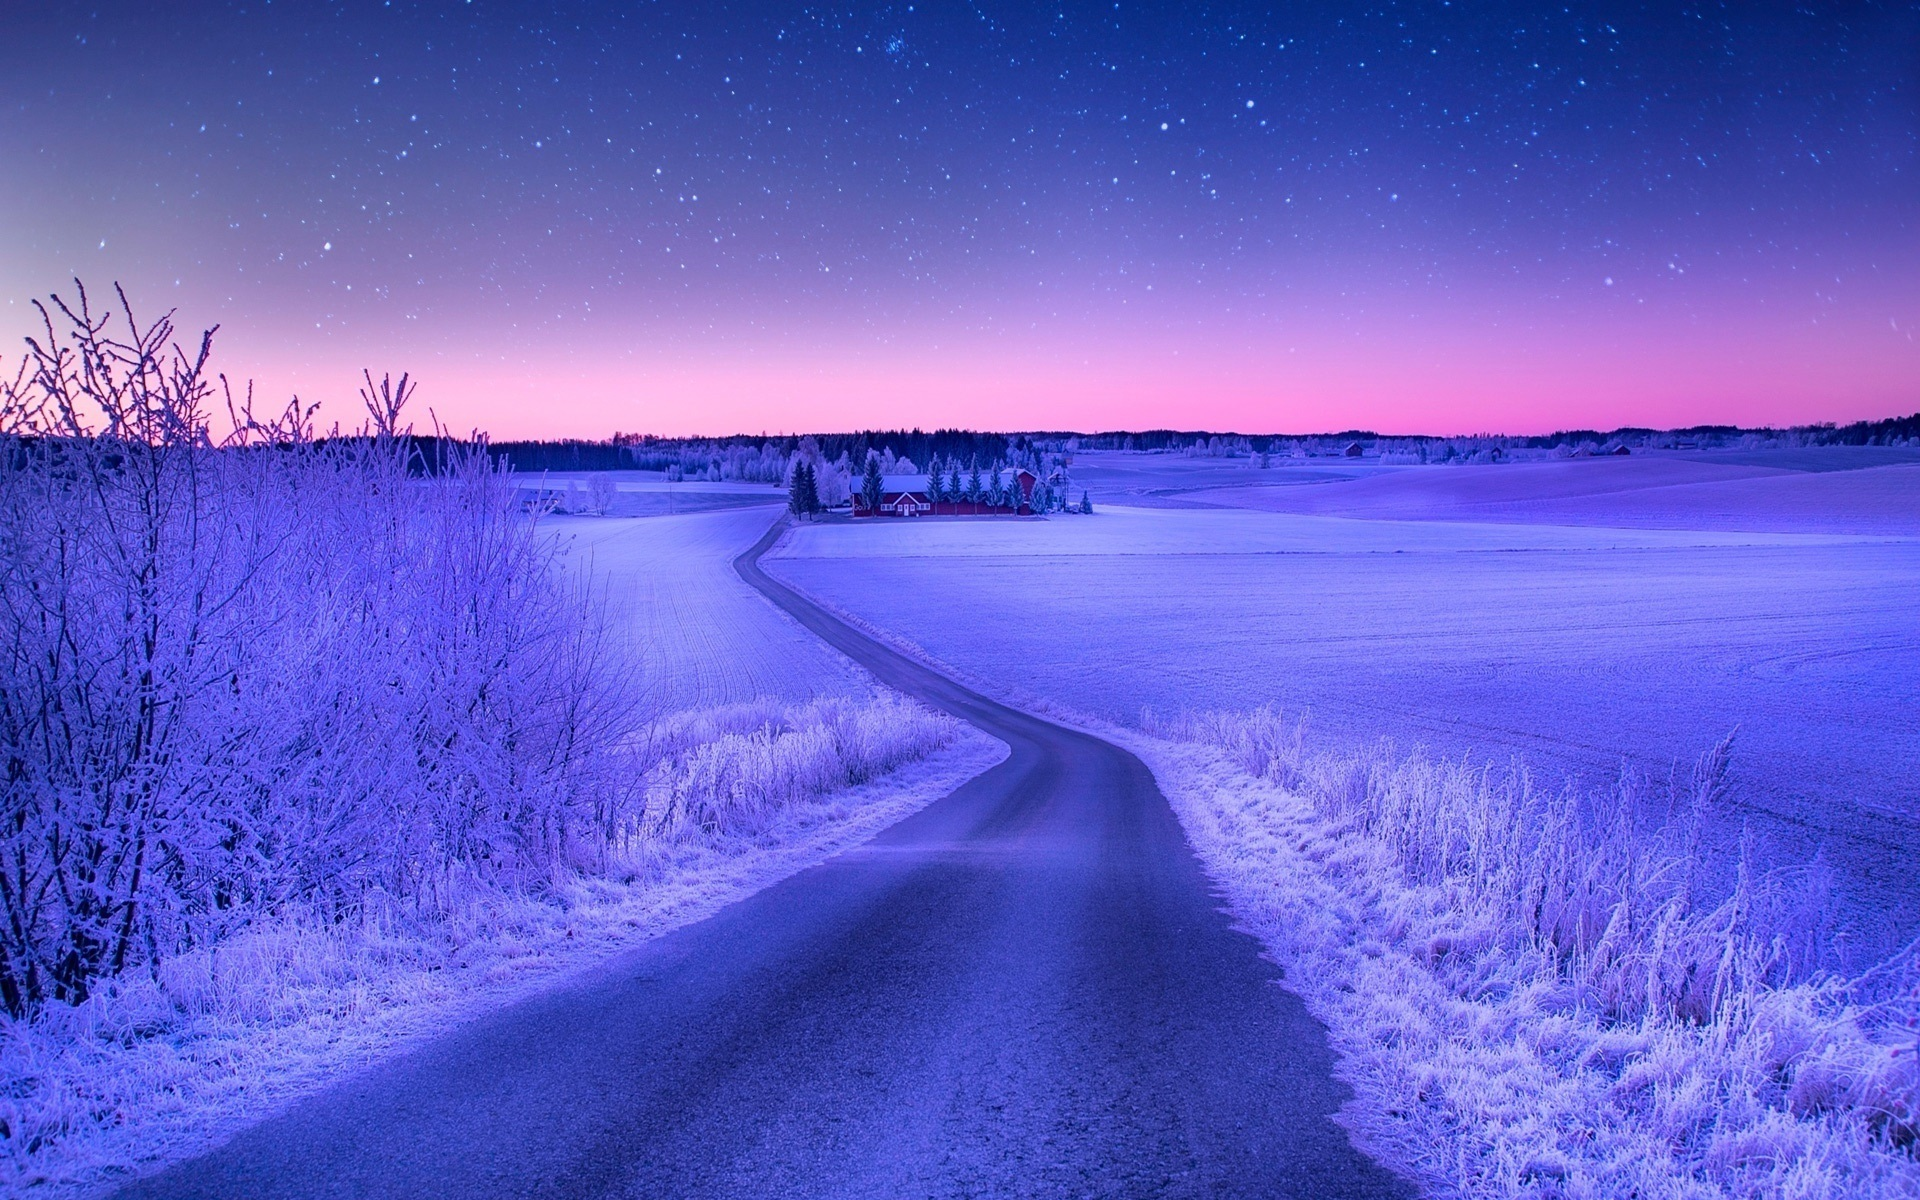 Зимняя дорога обои для рабочего стола